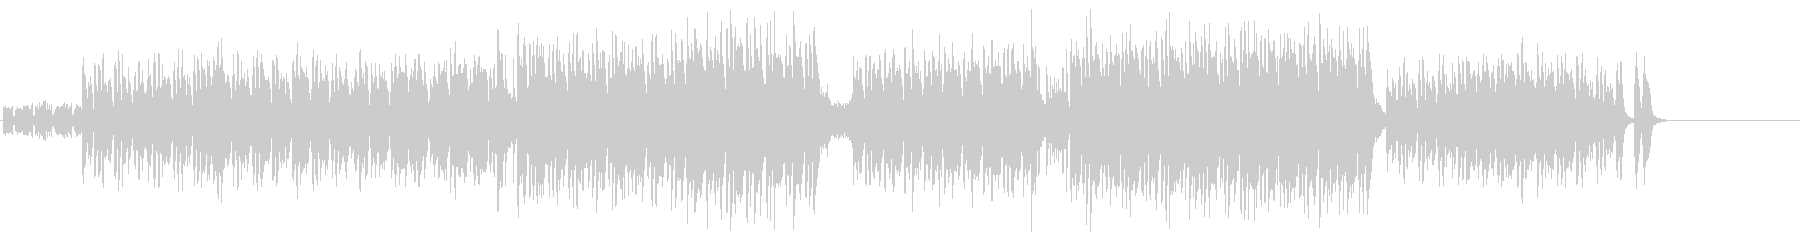 早いテンポの快感エキゾチック・サウンドの未再生の波形